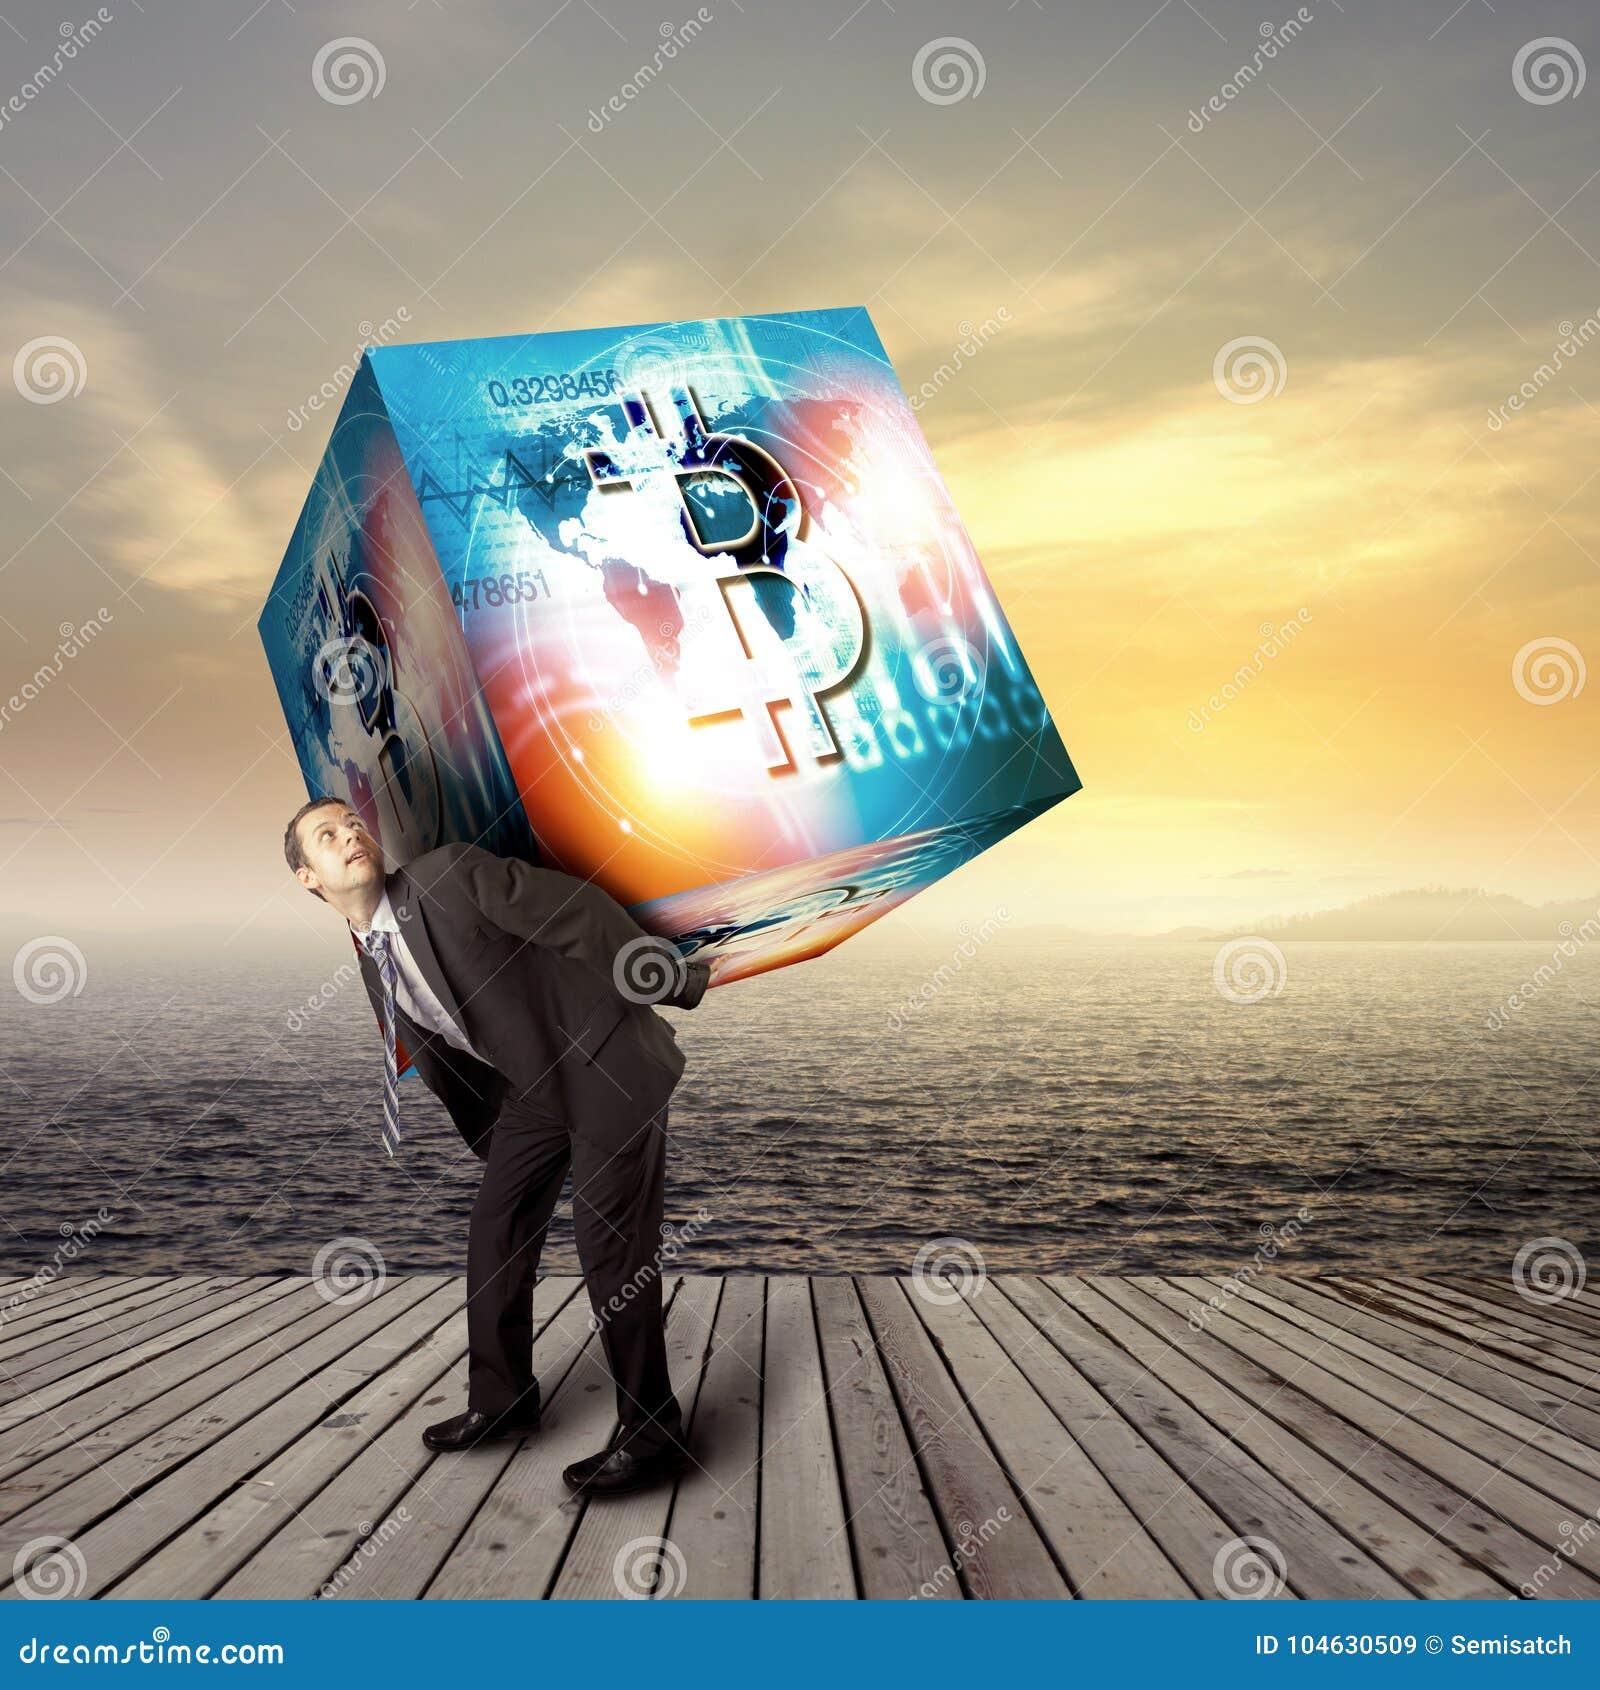 Download De Digitale Munt Van Het Bitcointeken, Futuristisch Digitaal Geld, Blockchain Technologieconcept Stock Illustratie - Illustratie bestaande uit conceptueel, cryptografie: 104630509